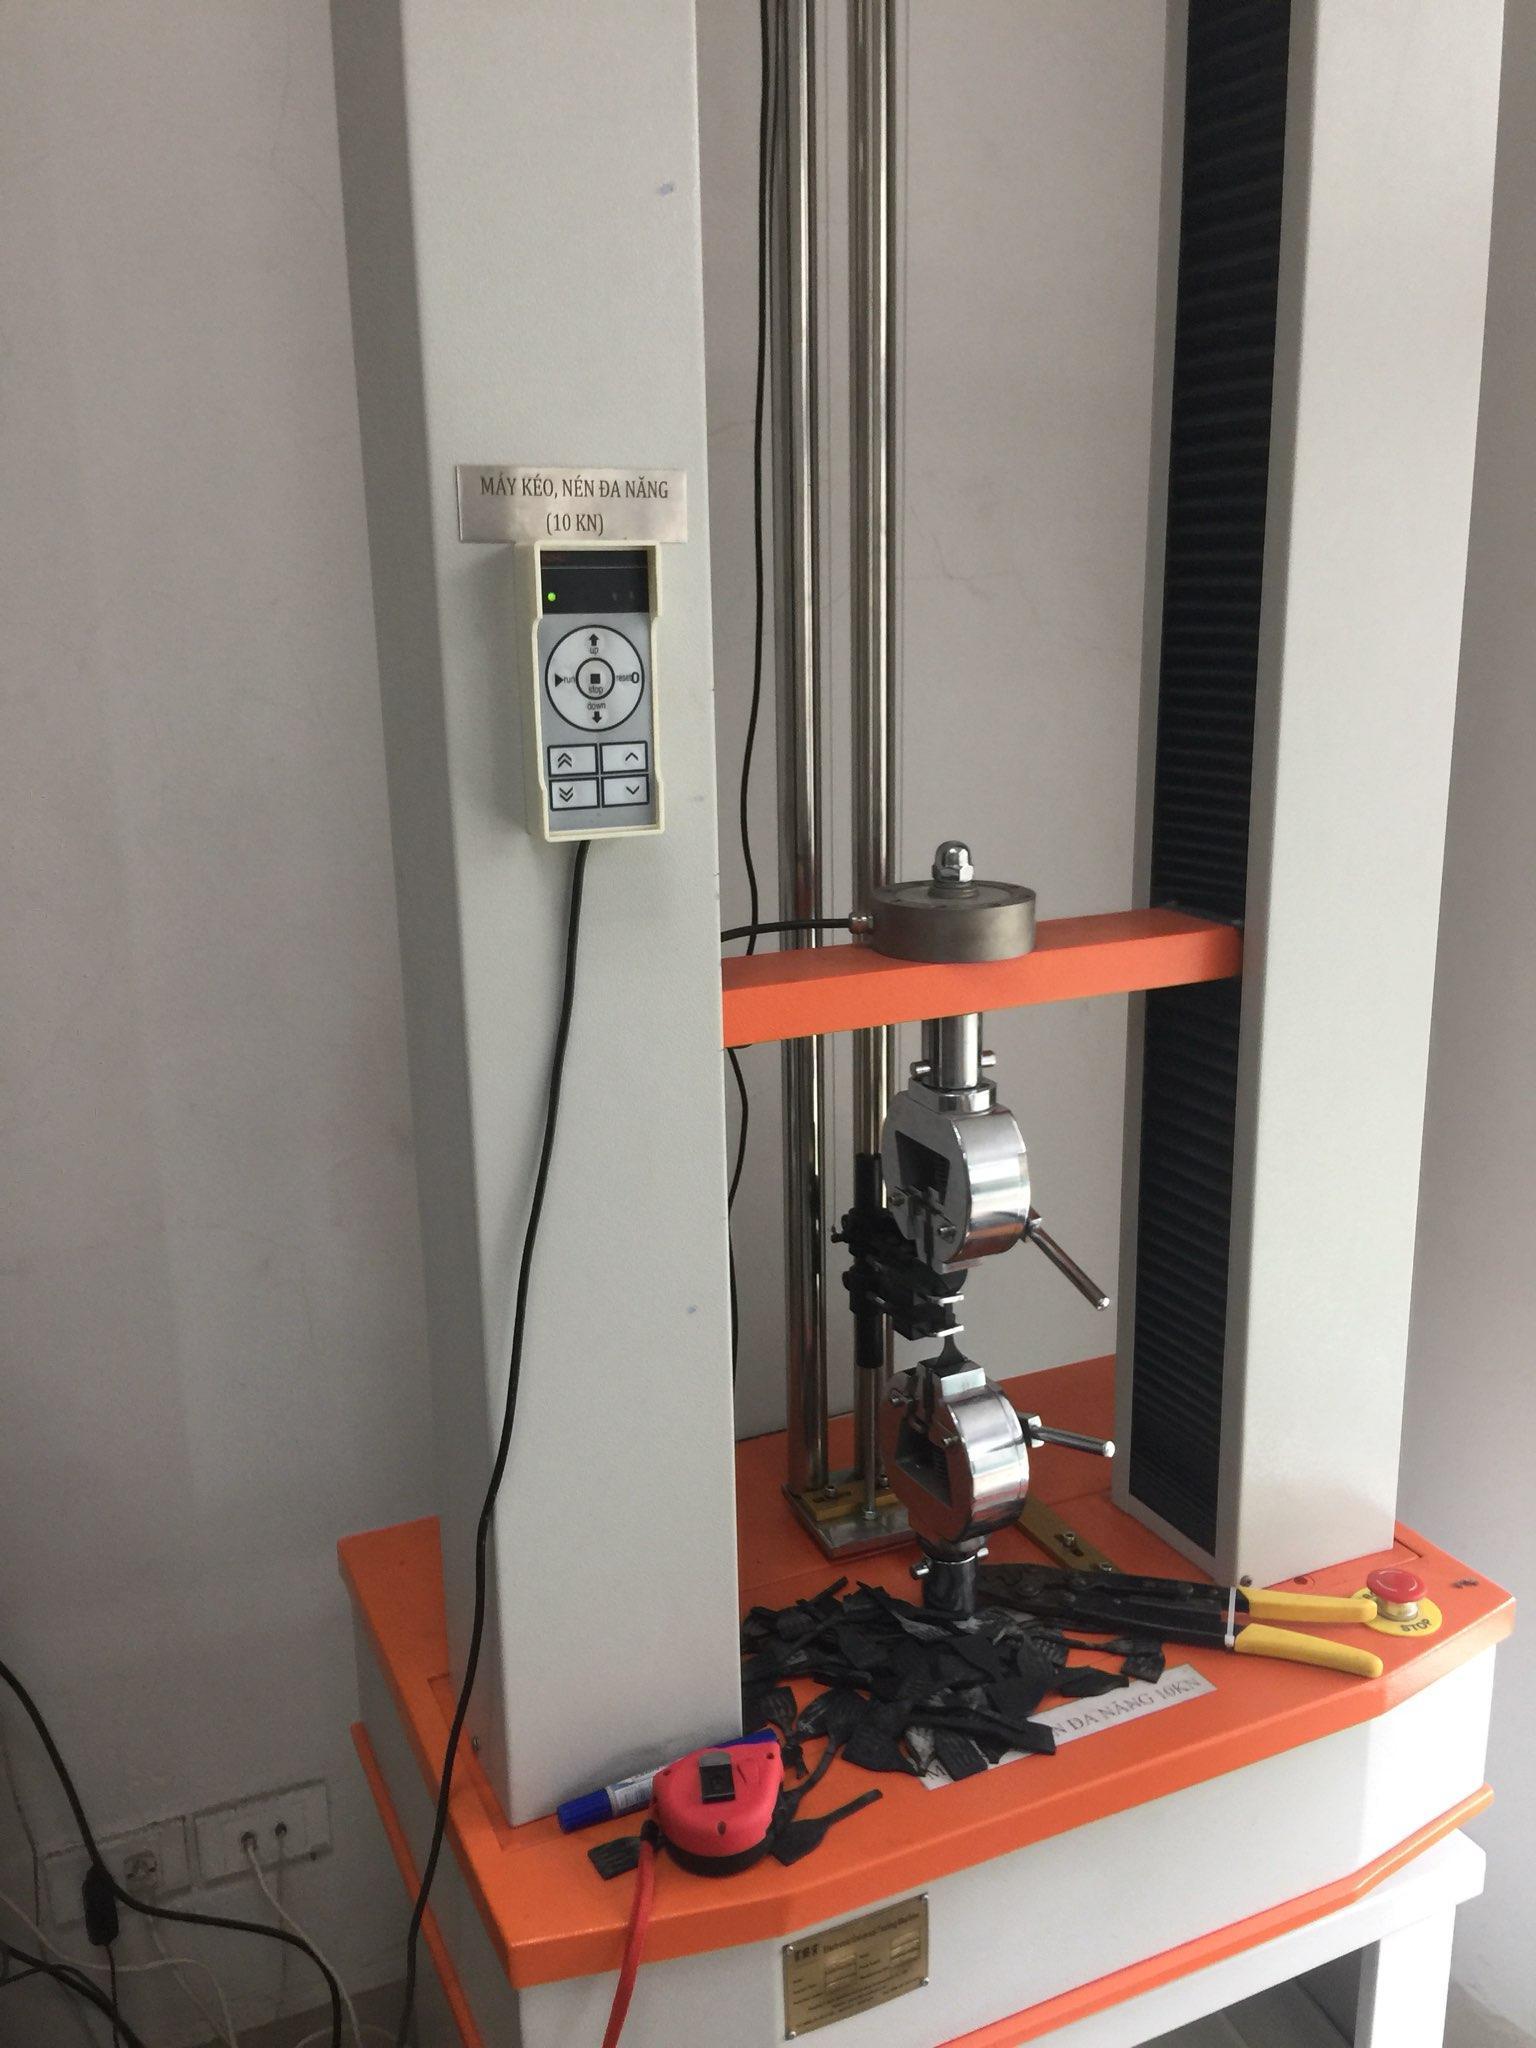 Sửa chữa máy thử nghiệm kéo nén vạn năng (UTM) 10kN - KCN Phố Nối B